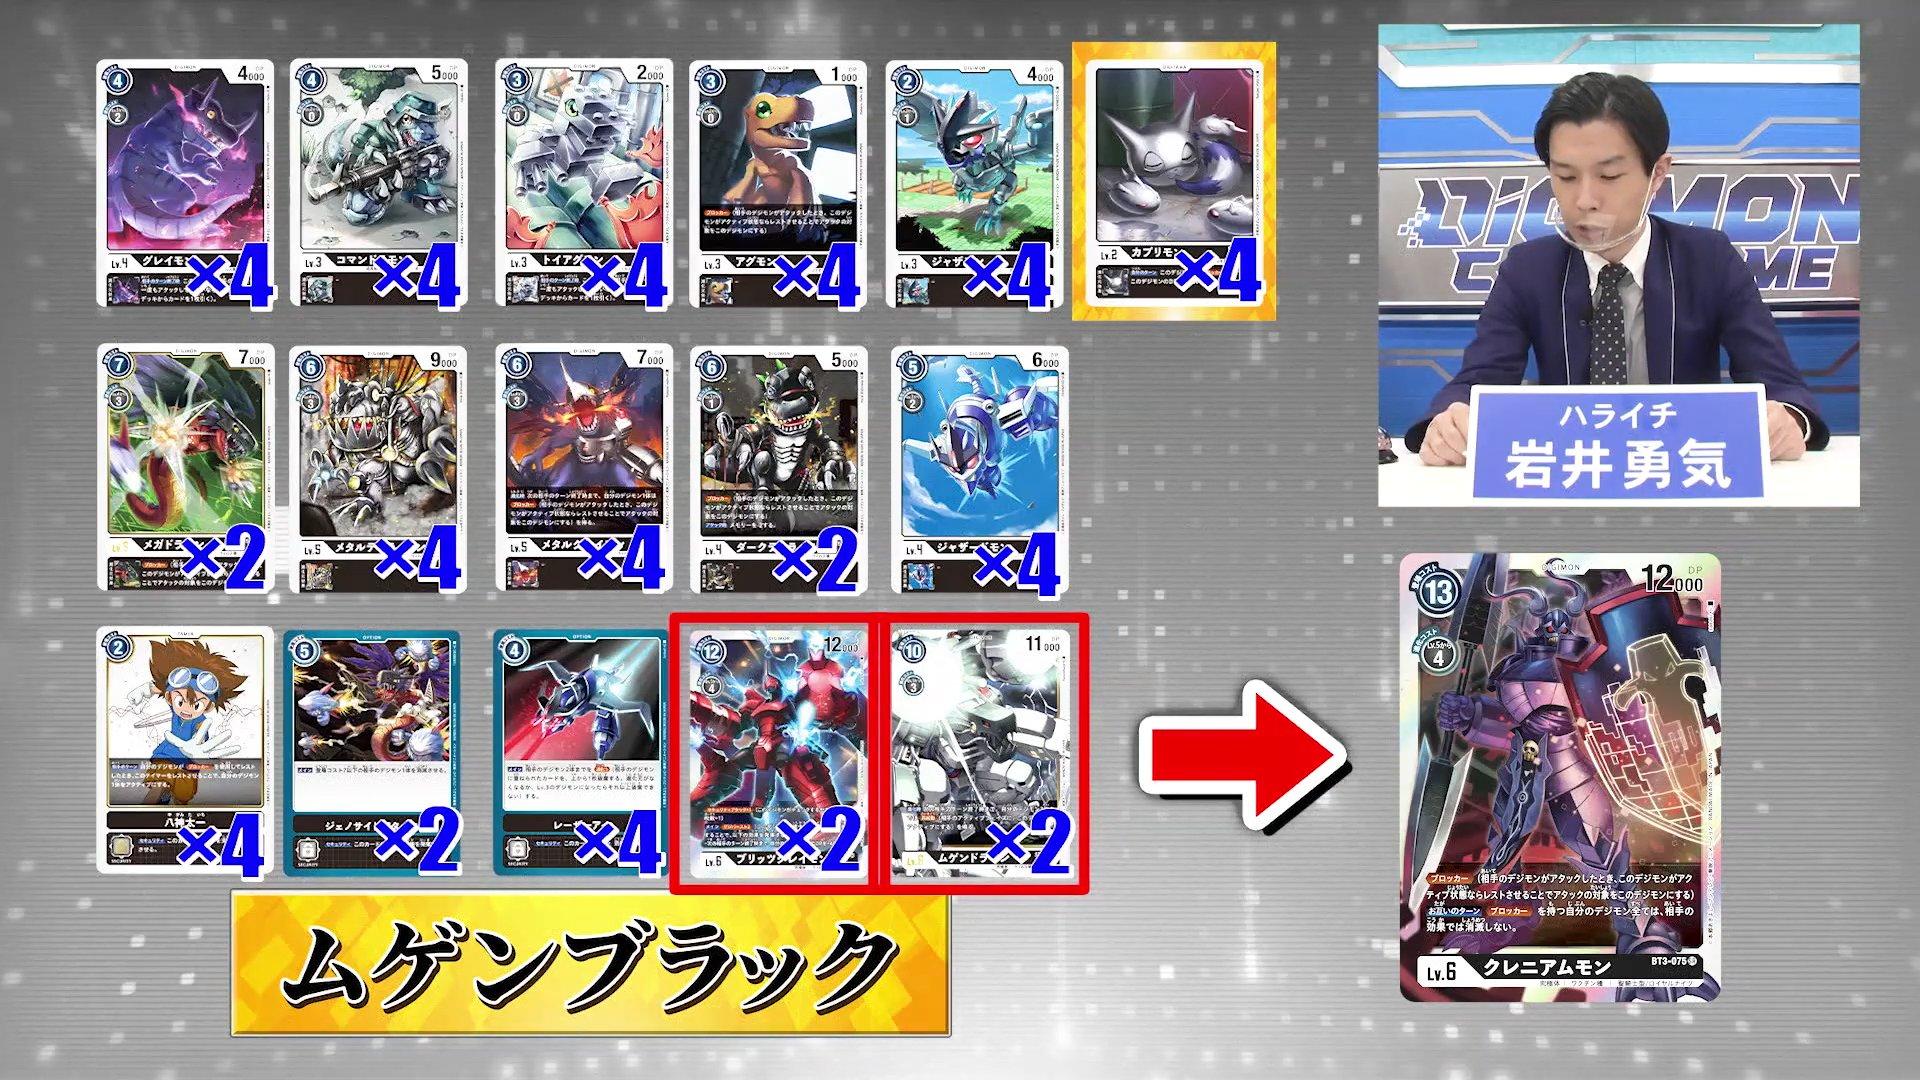 digimoncardbattle_v2_08_04_november26_2020.jpg